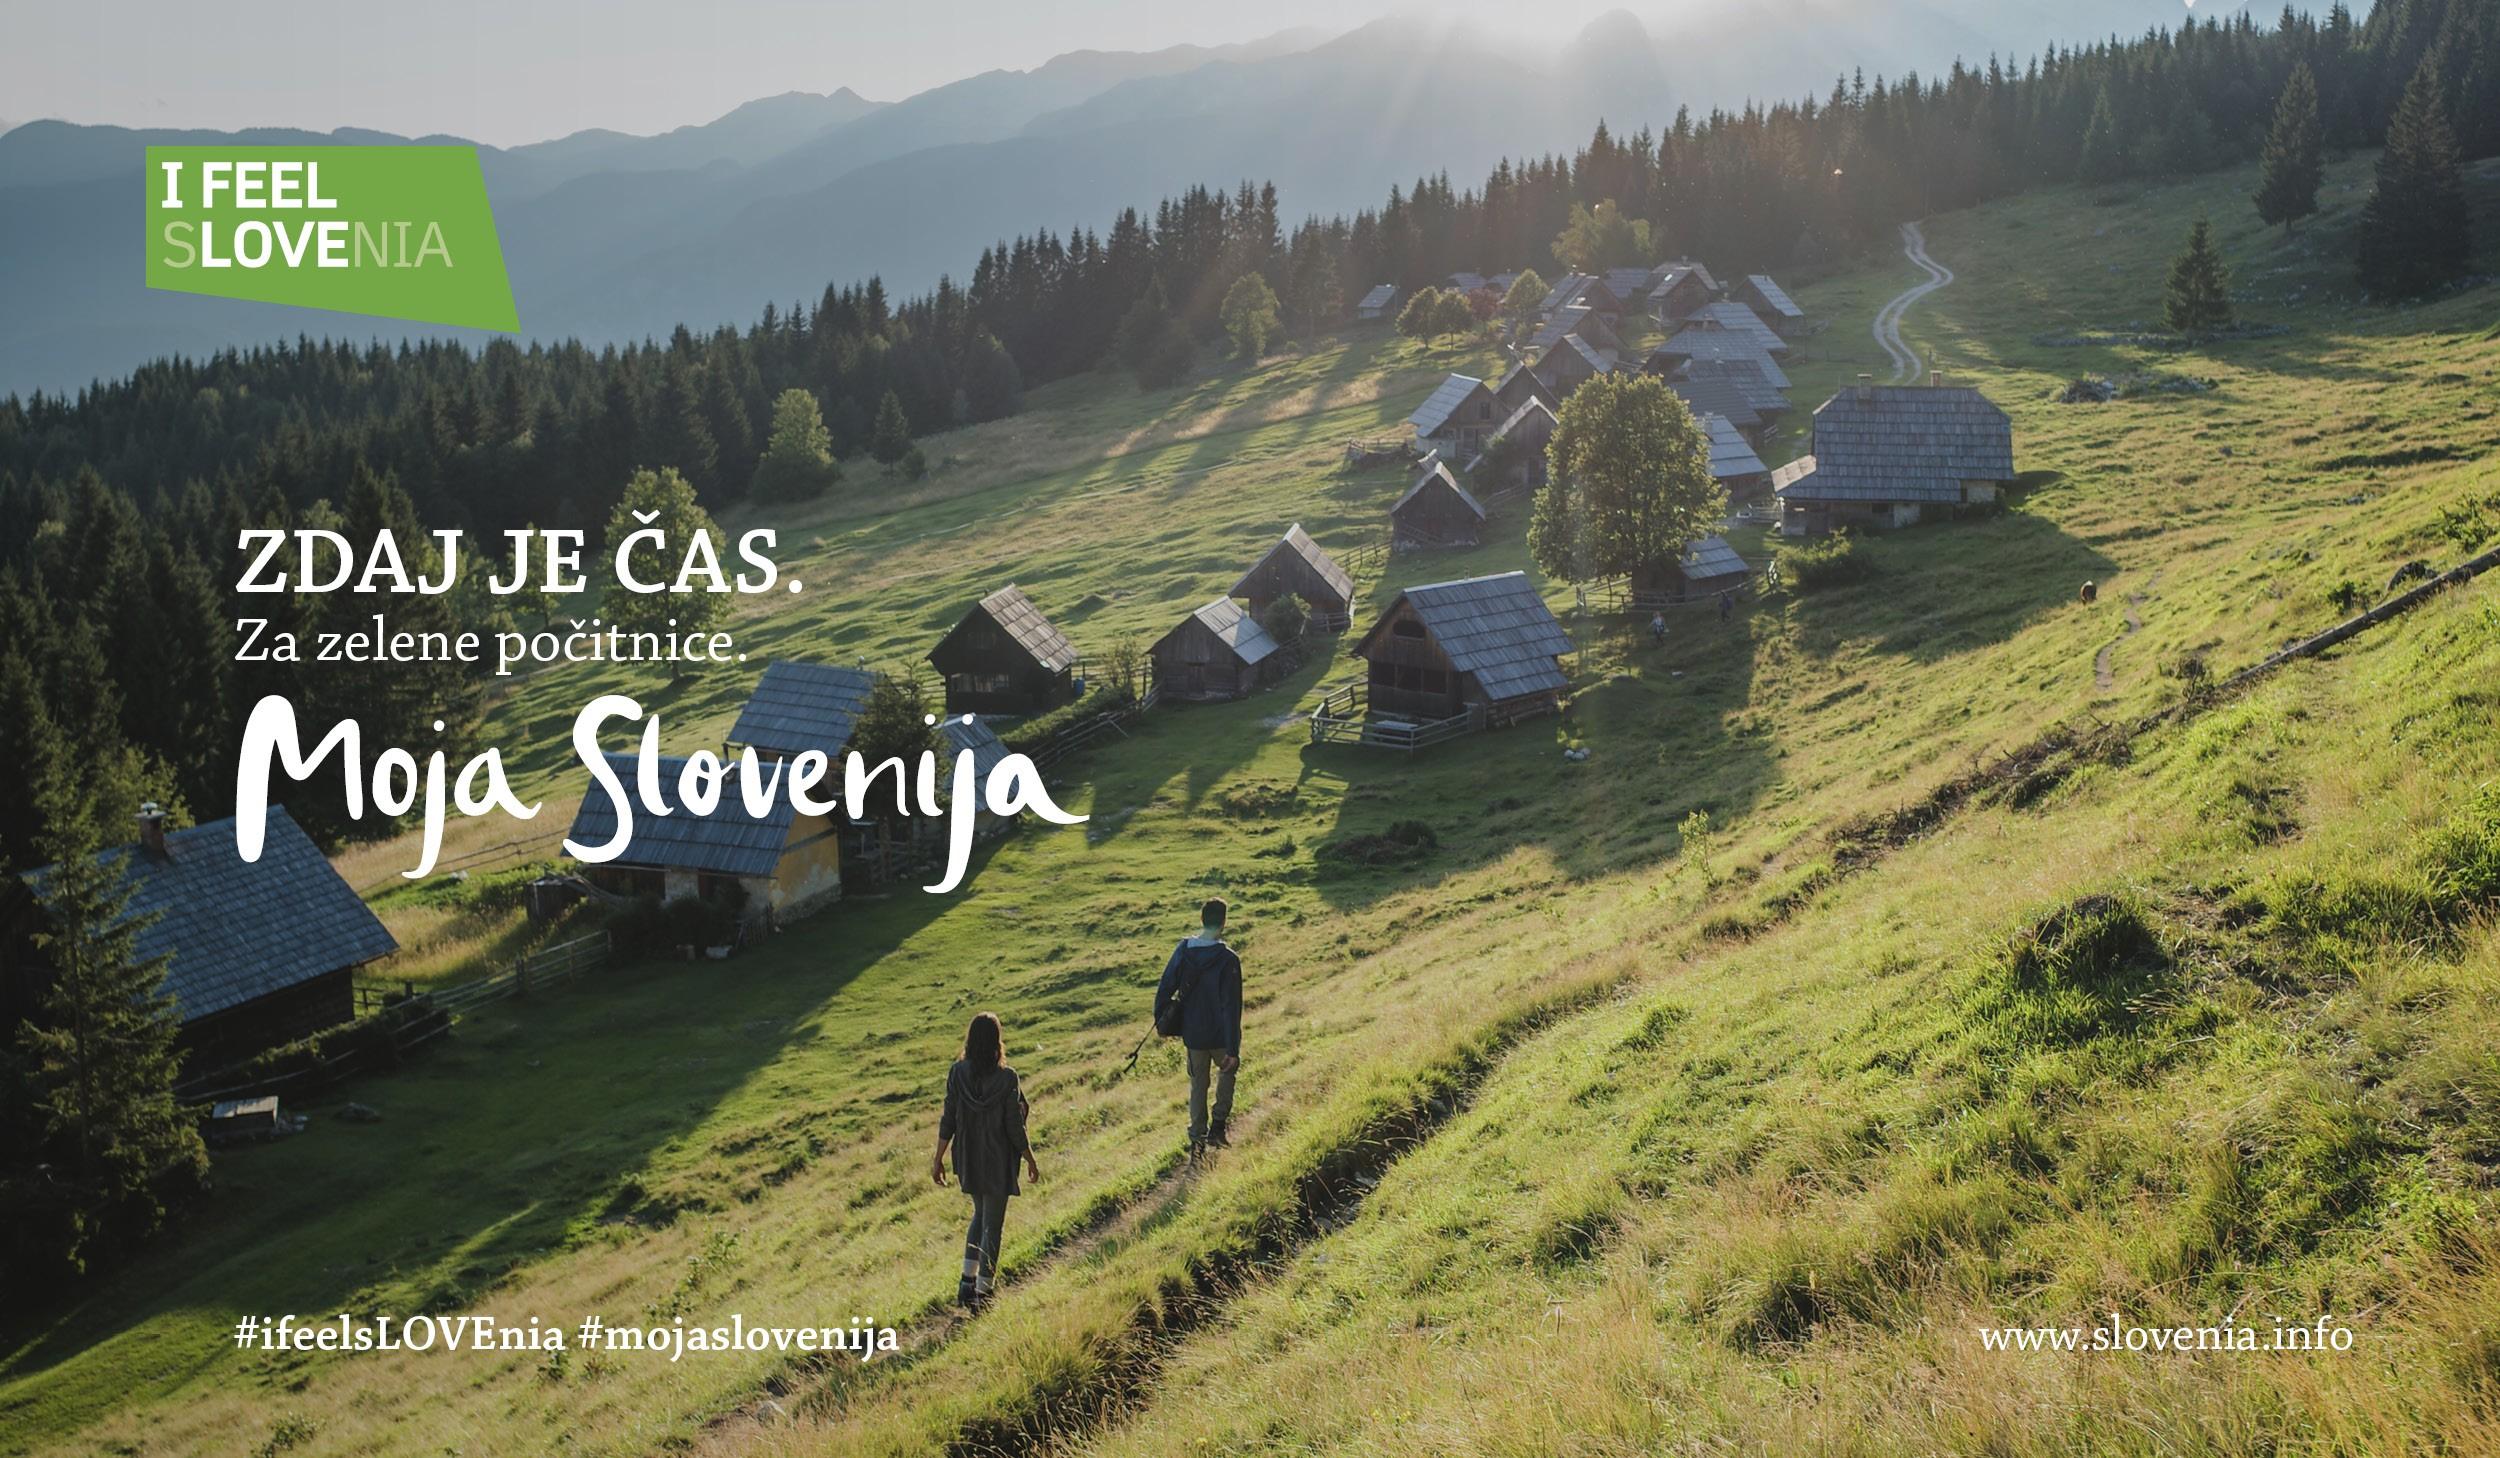 Zdaj je čas. Moja Slovenija.